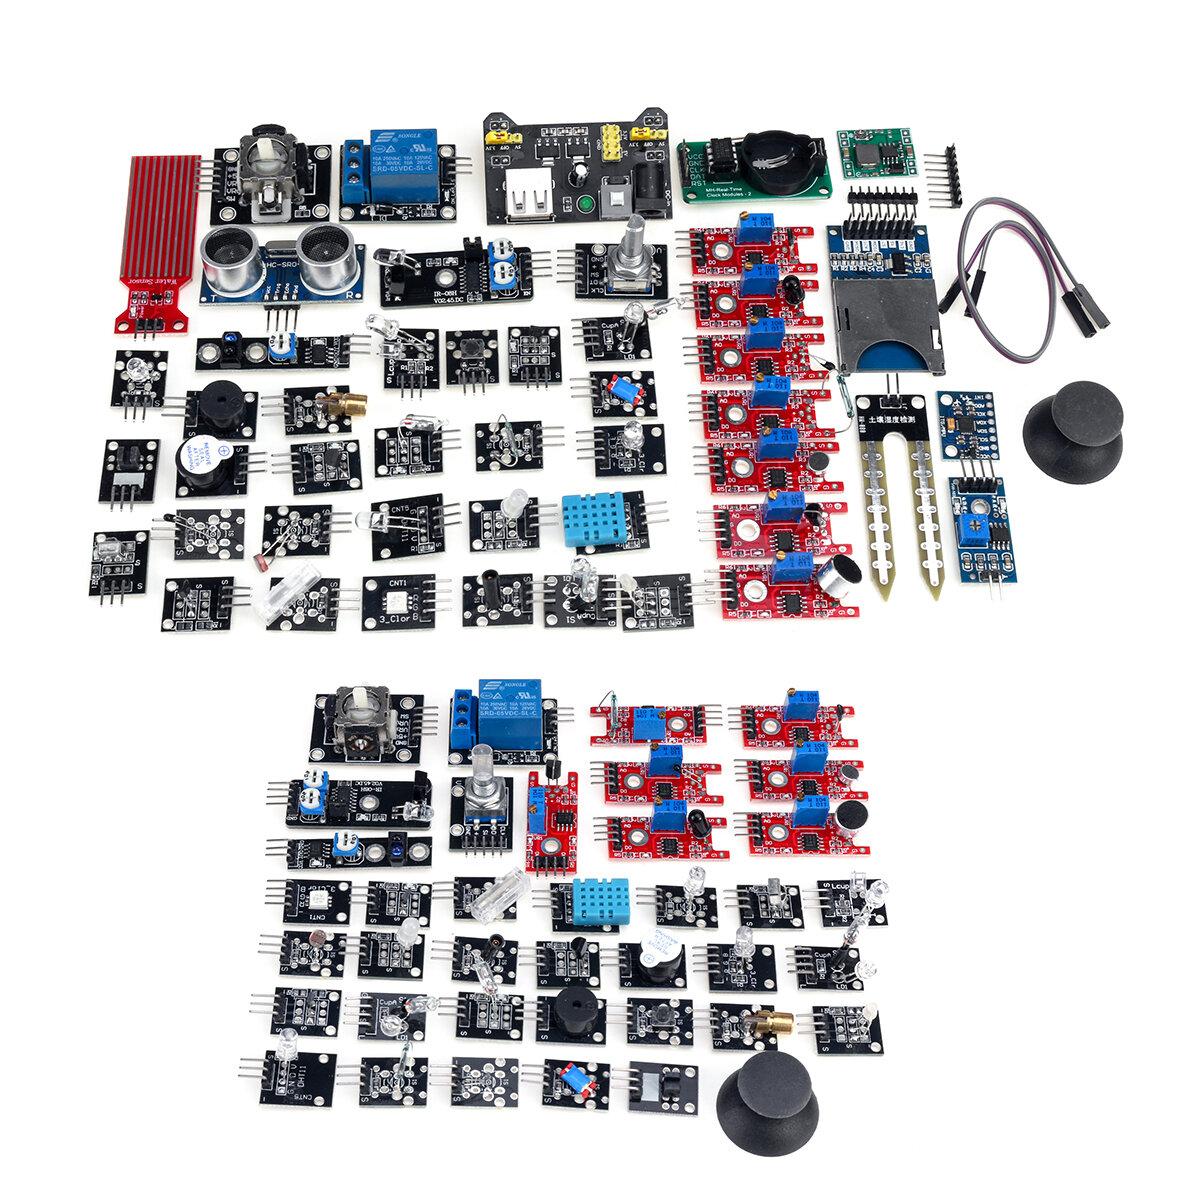 45 In 1 Updated Sensor Module Starter Kit For Arduino Raspberry Pi Education